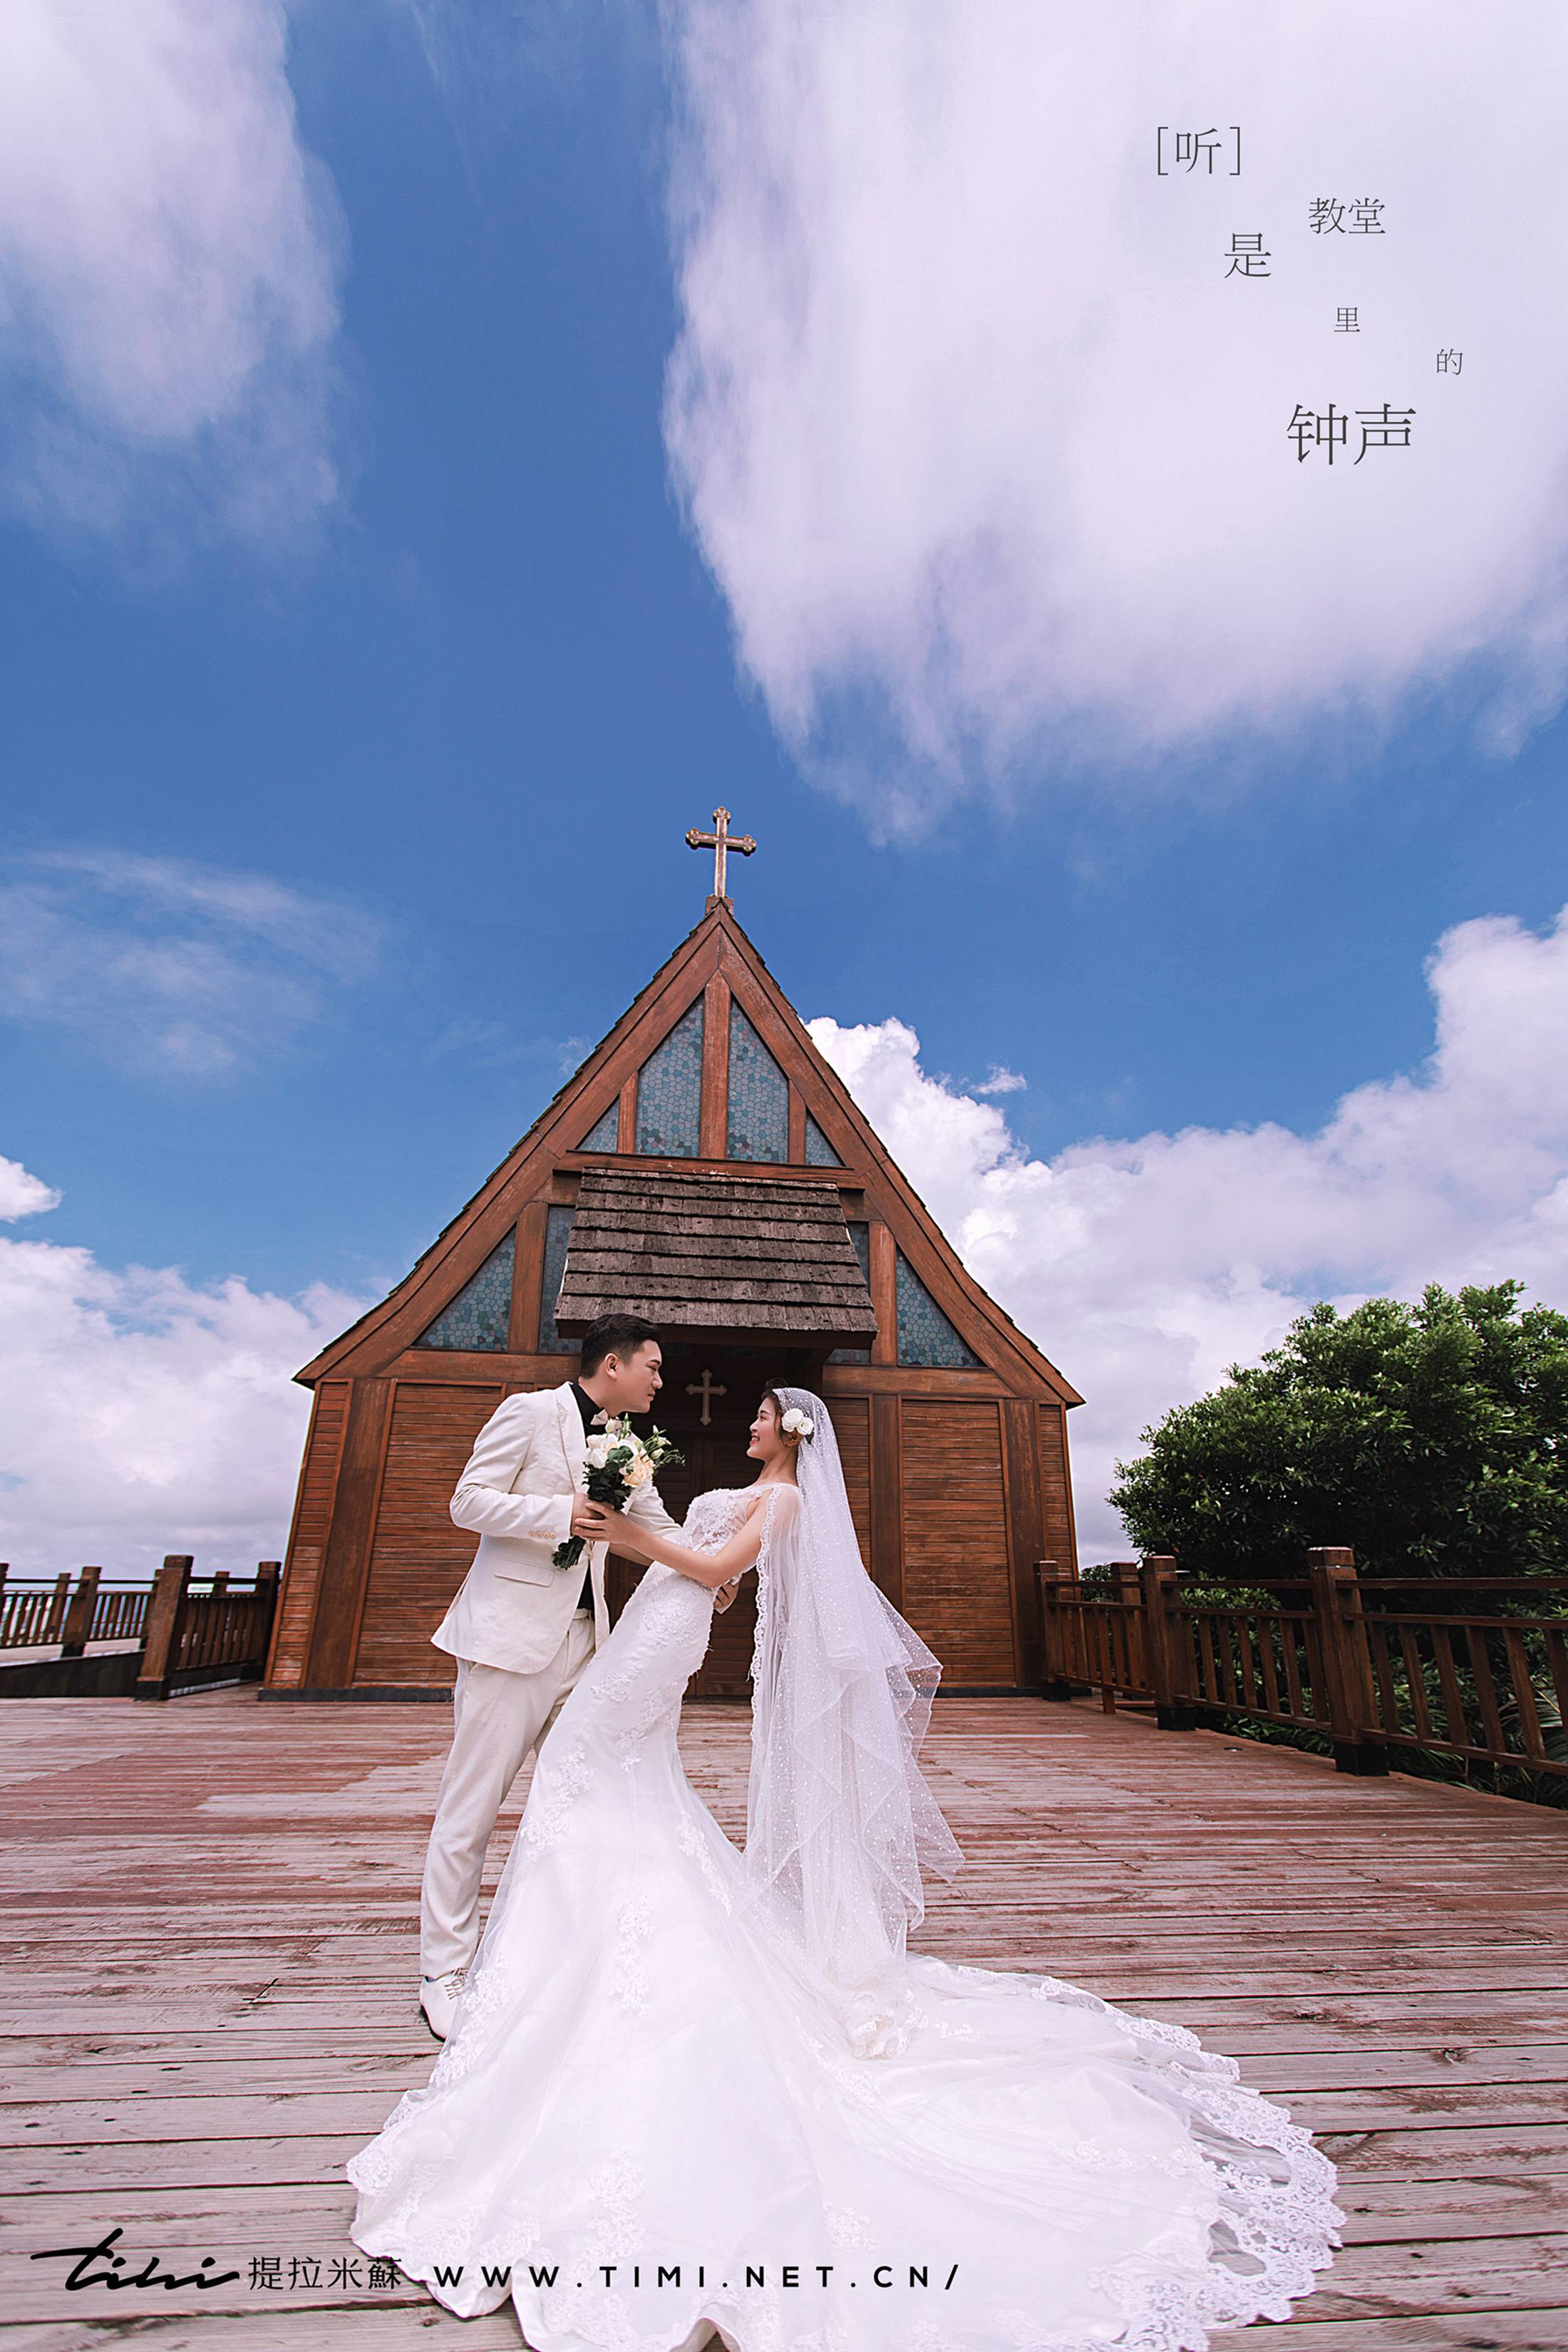 婚纱三亚摄影_三亚海景婚纱摄影图片